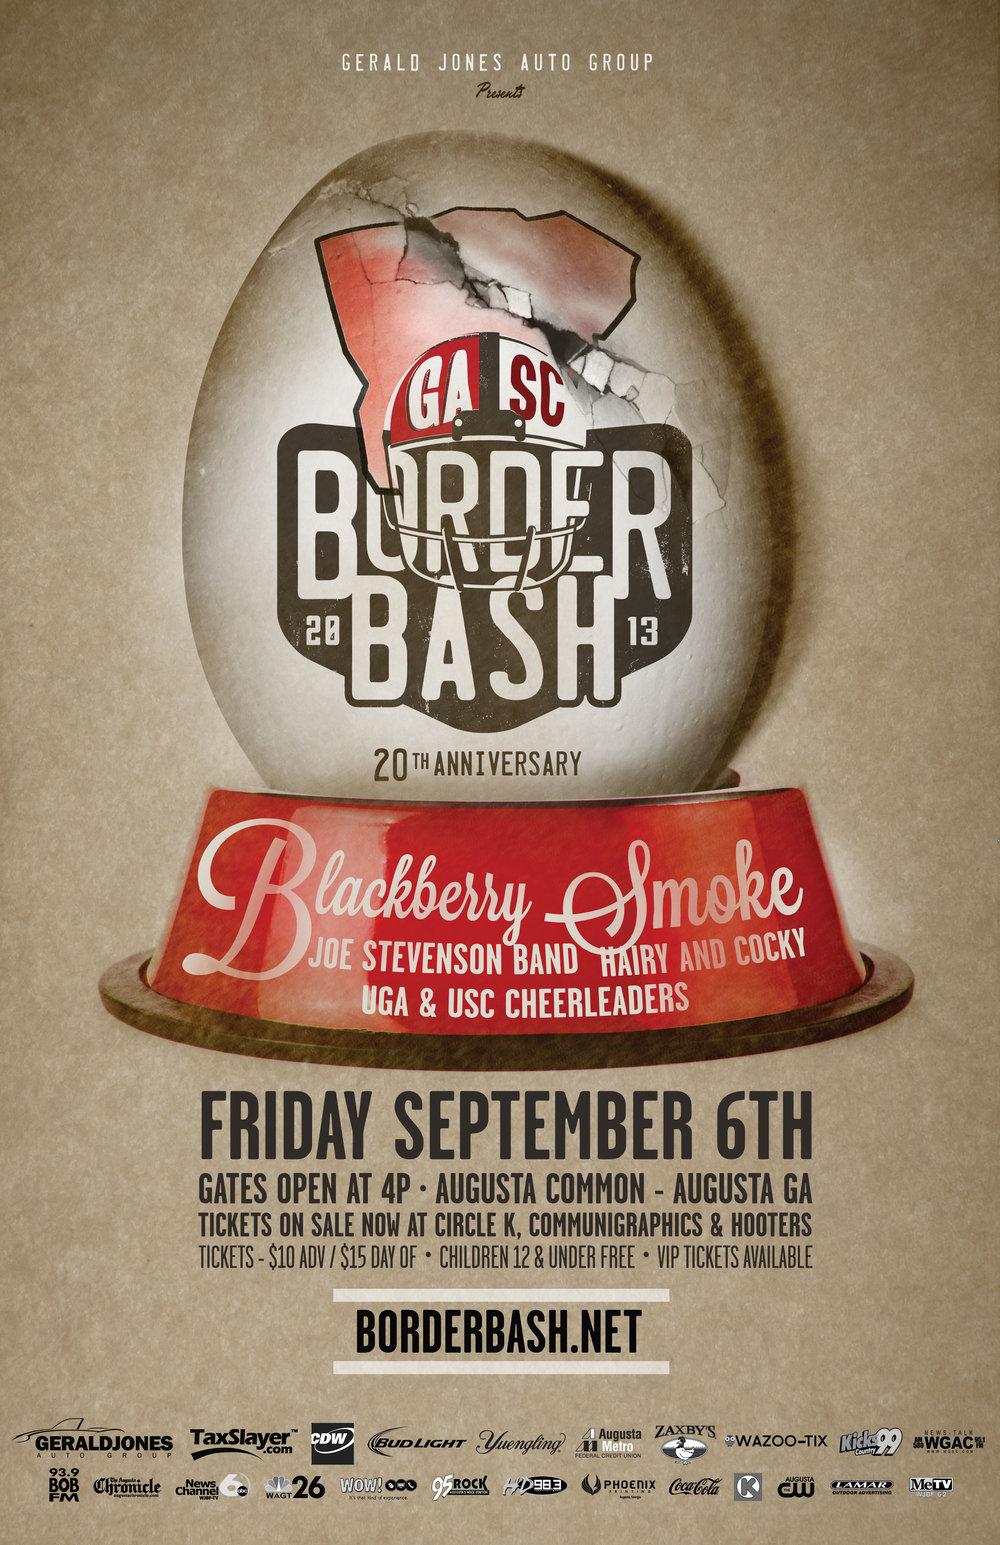 border-bash-2013-poster.jpg